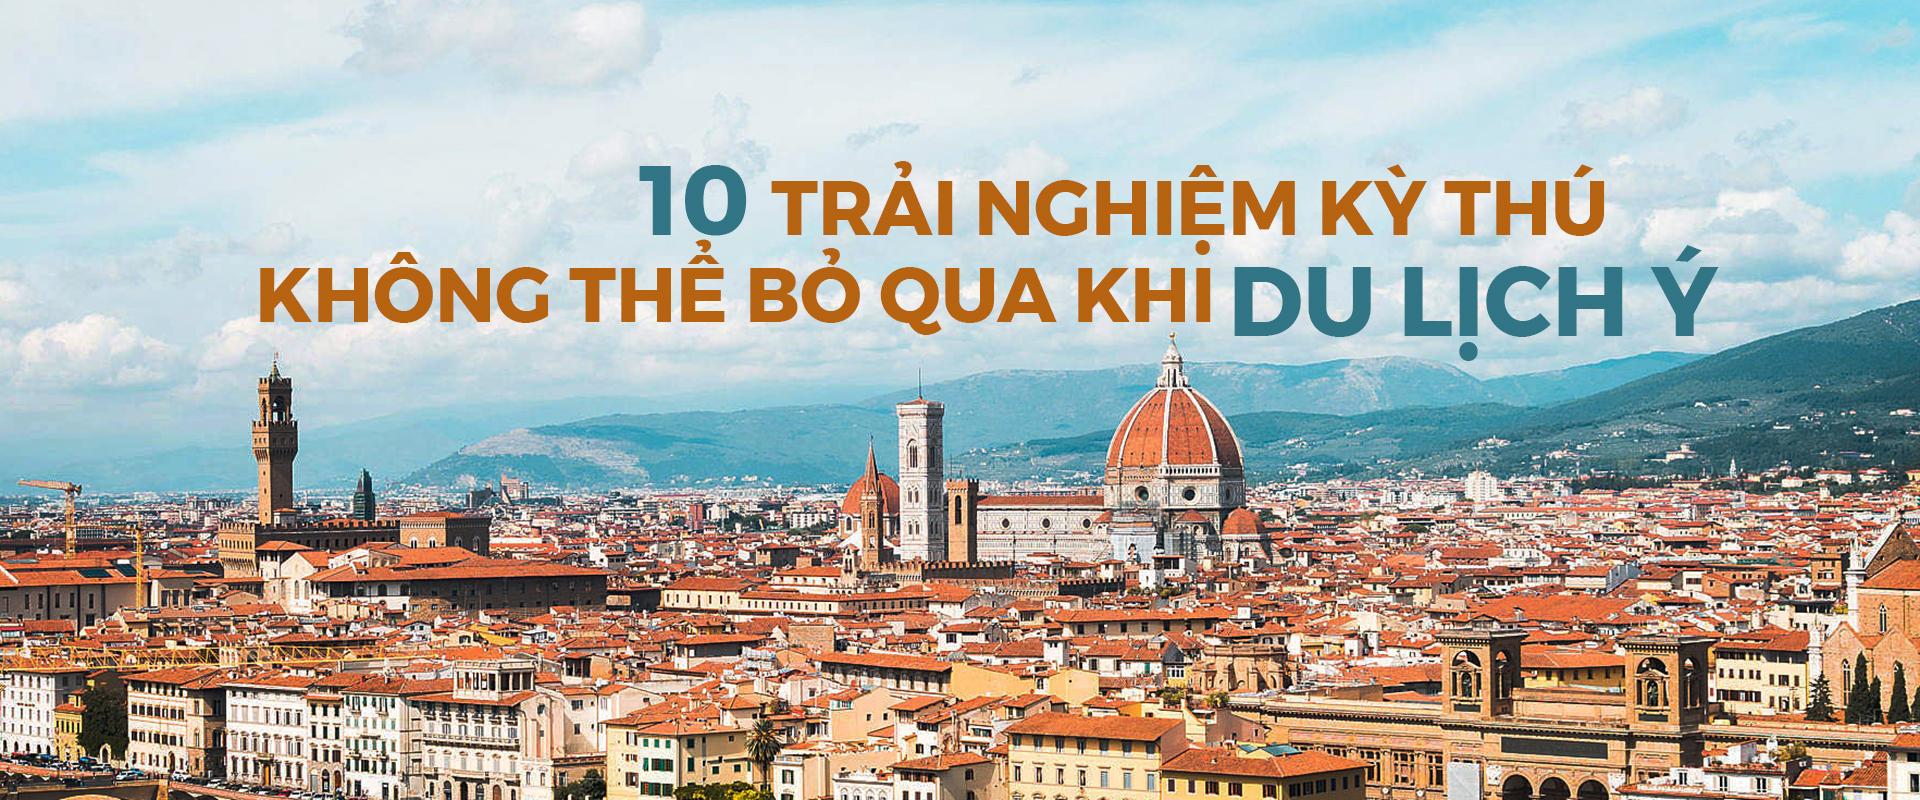 10 trải nghiệm kỳ thú cho chuyến du lịch nước Ý của bạn